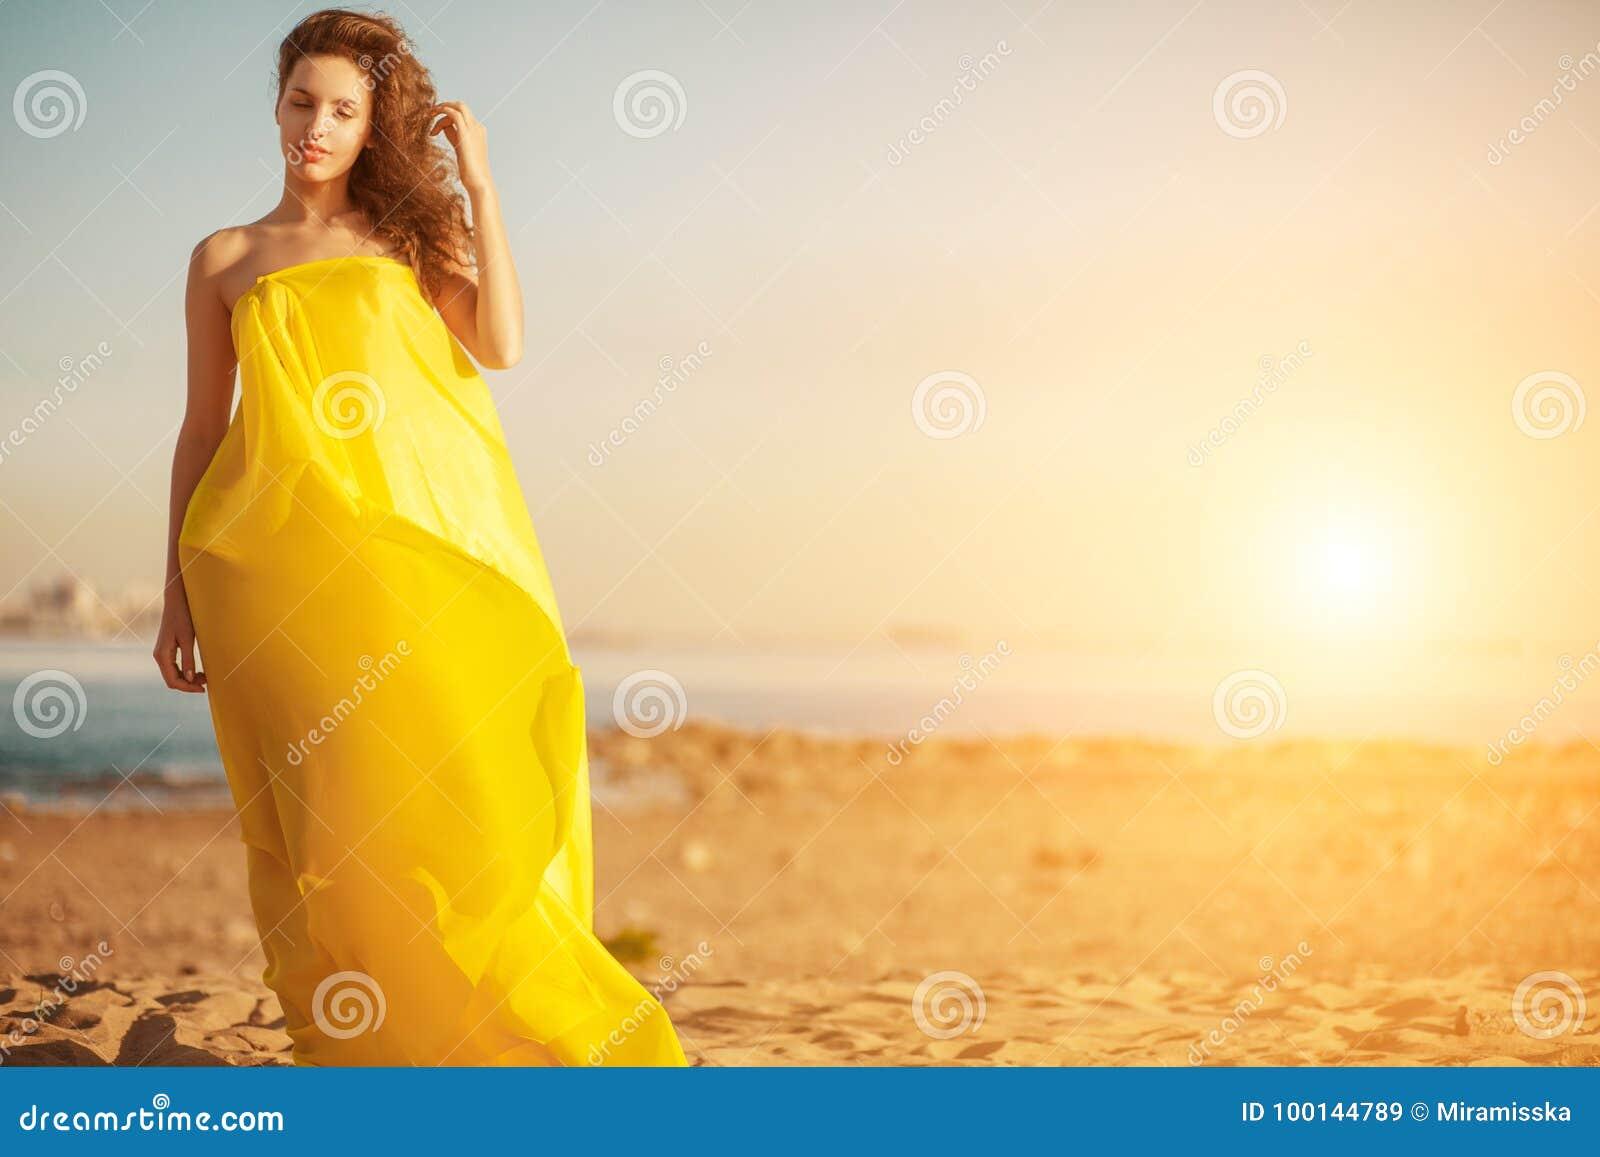 Maniermeisje in een lange kleding tegen een achtergrond van de de zomerzonsondergang